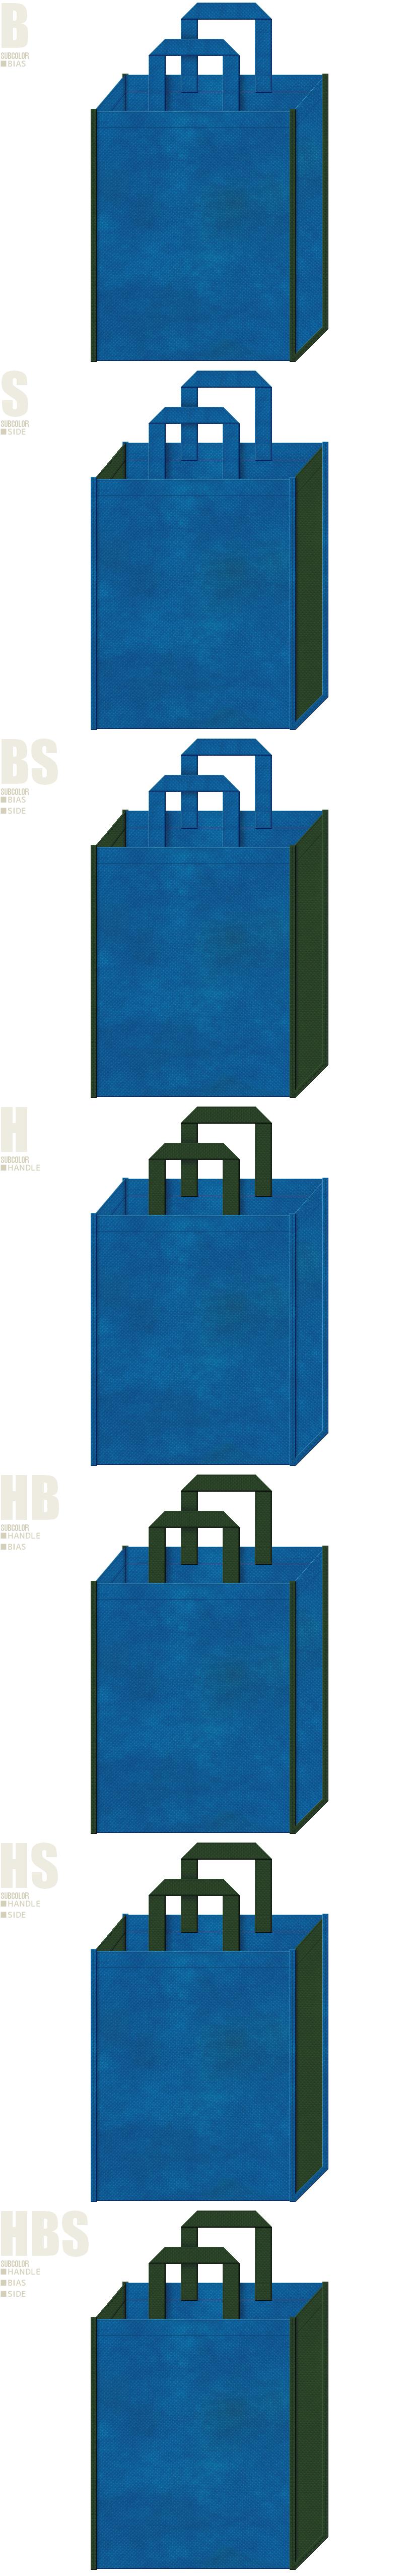 不織布バッグのデザイン:青色と濃緑色の配色7パターン